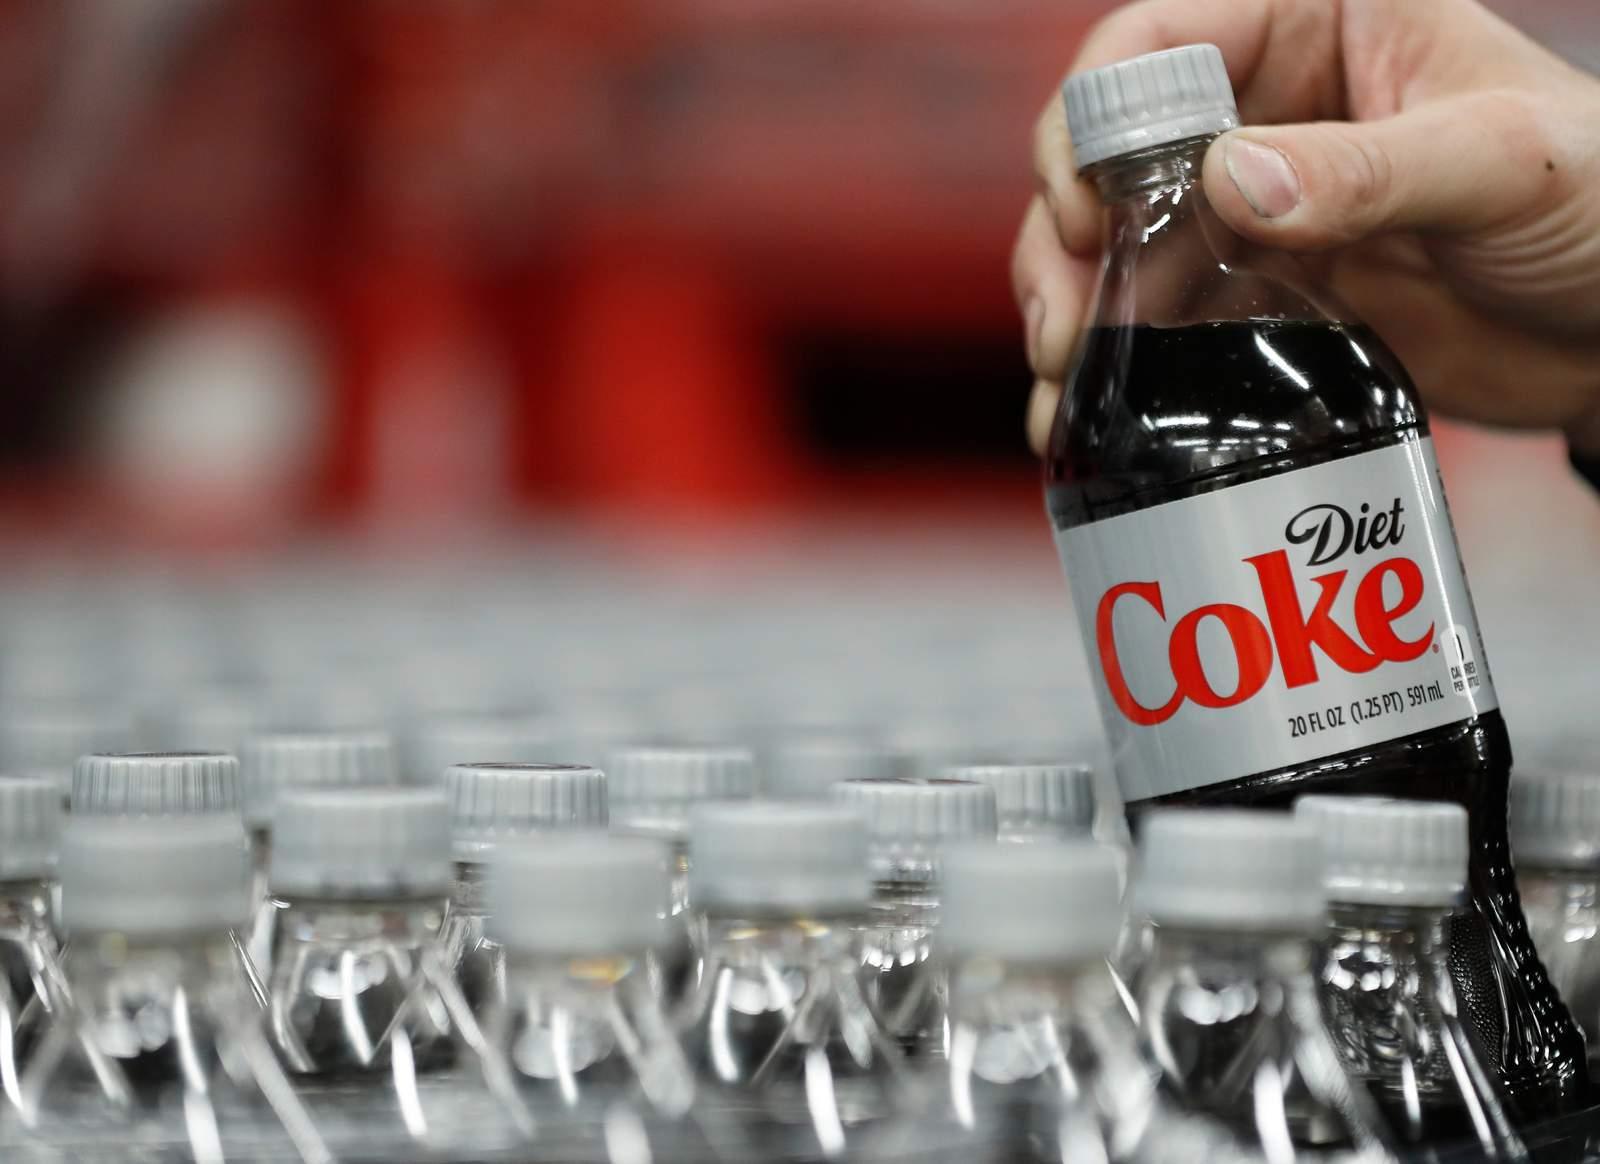 chiến lược marketing mix của coca cola, chiến dịch marketing của coca cola, chiến lược marketing 4p của coca cola